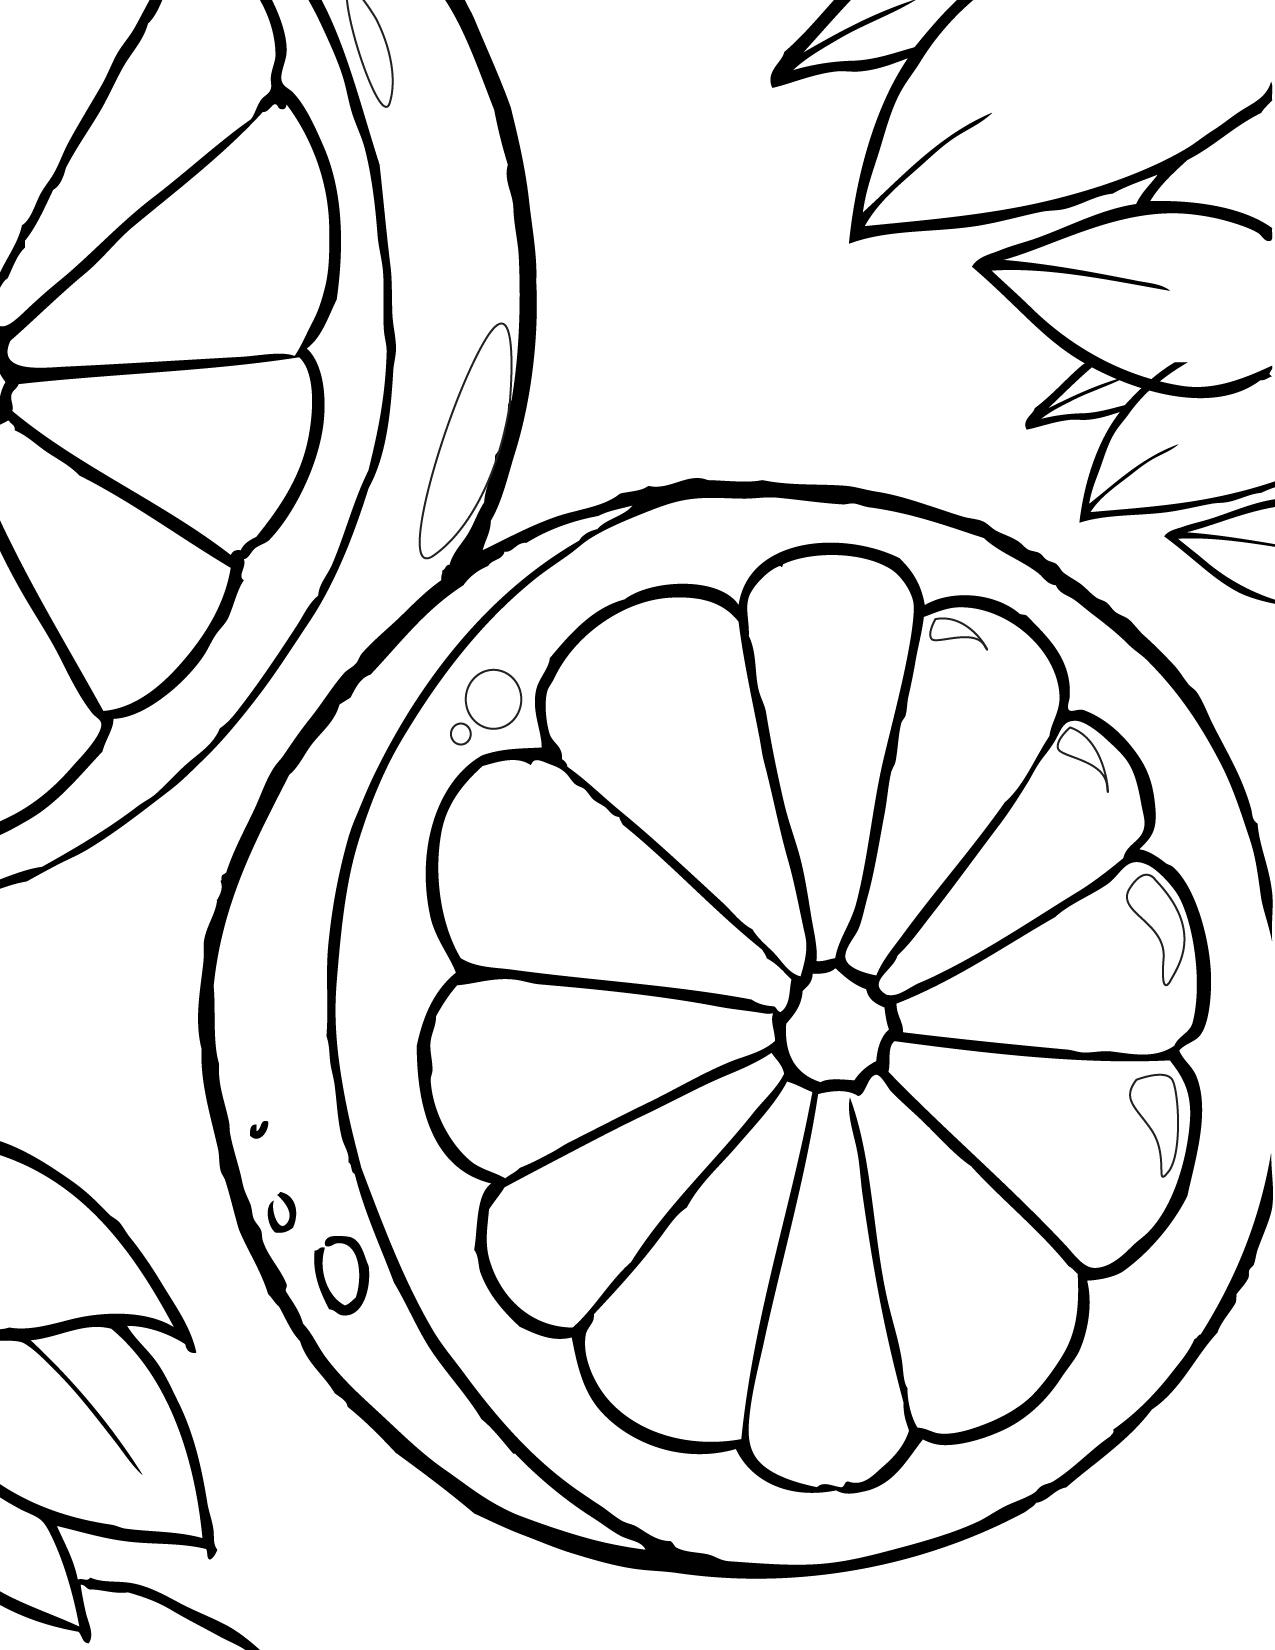 Dibujos para colorear de frutas imprimir y pintar - Dibujos de pared ...